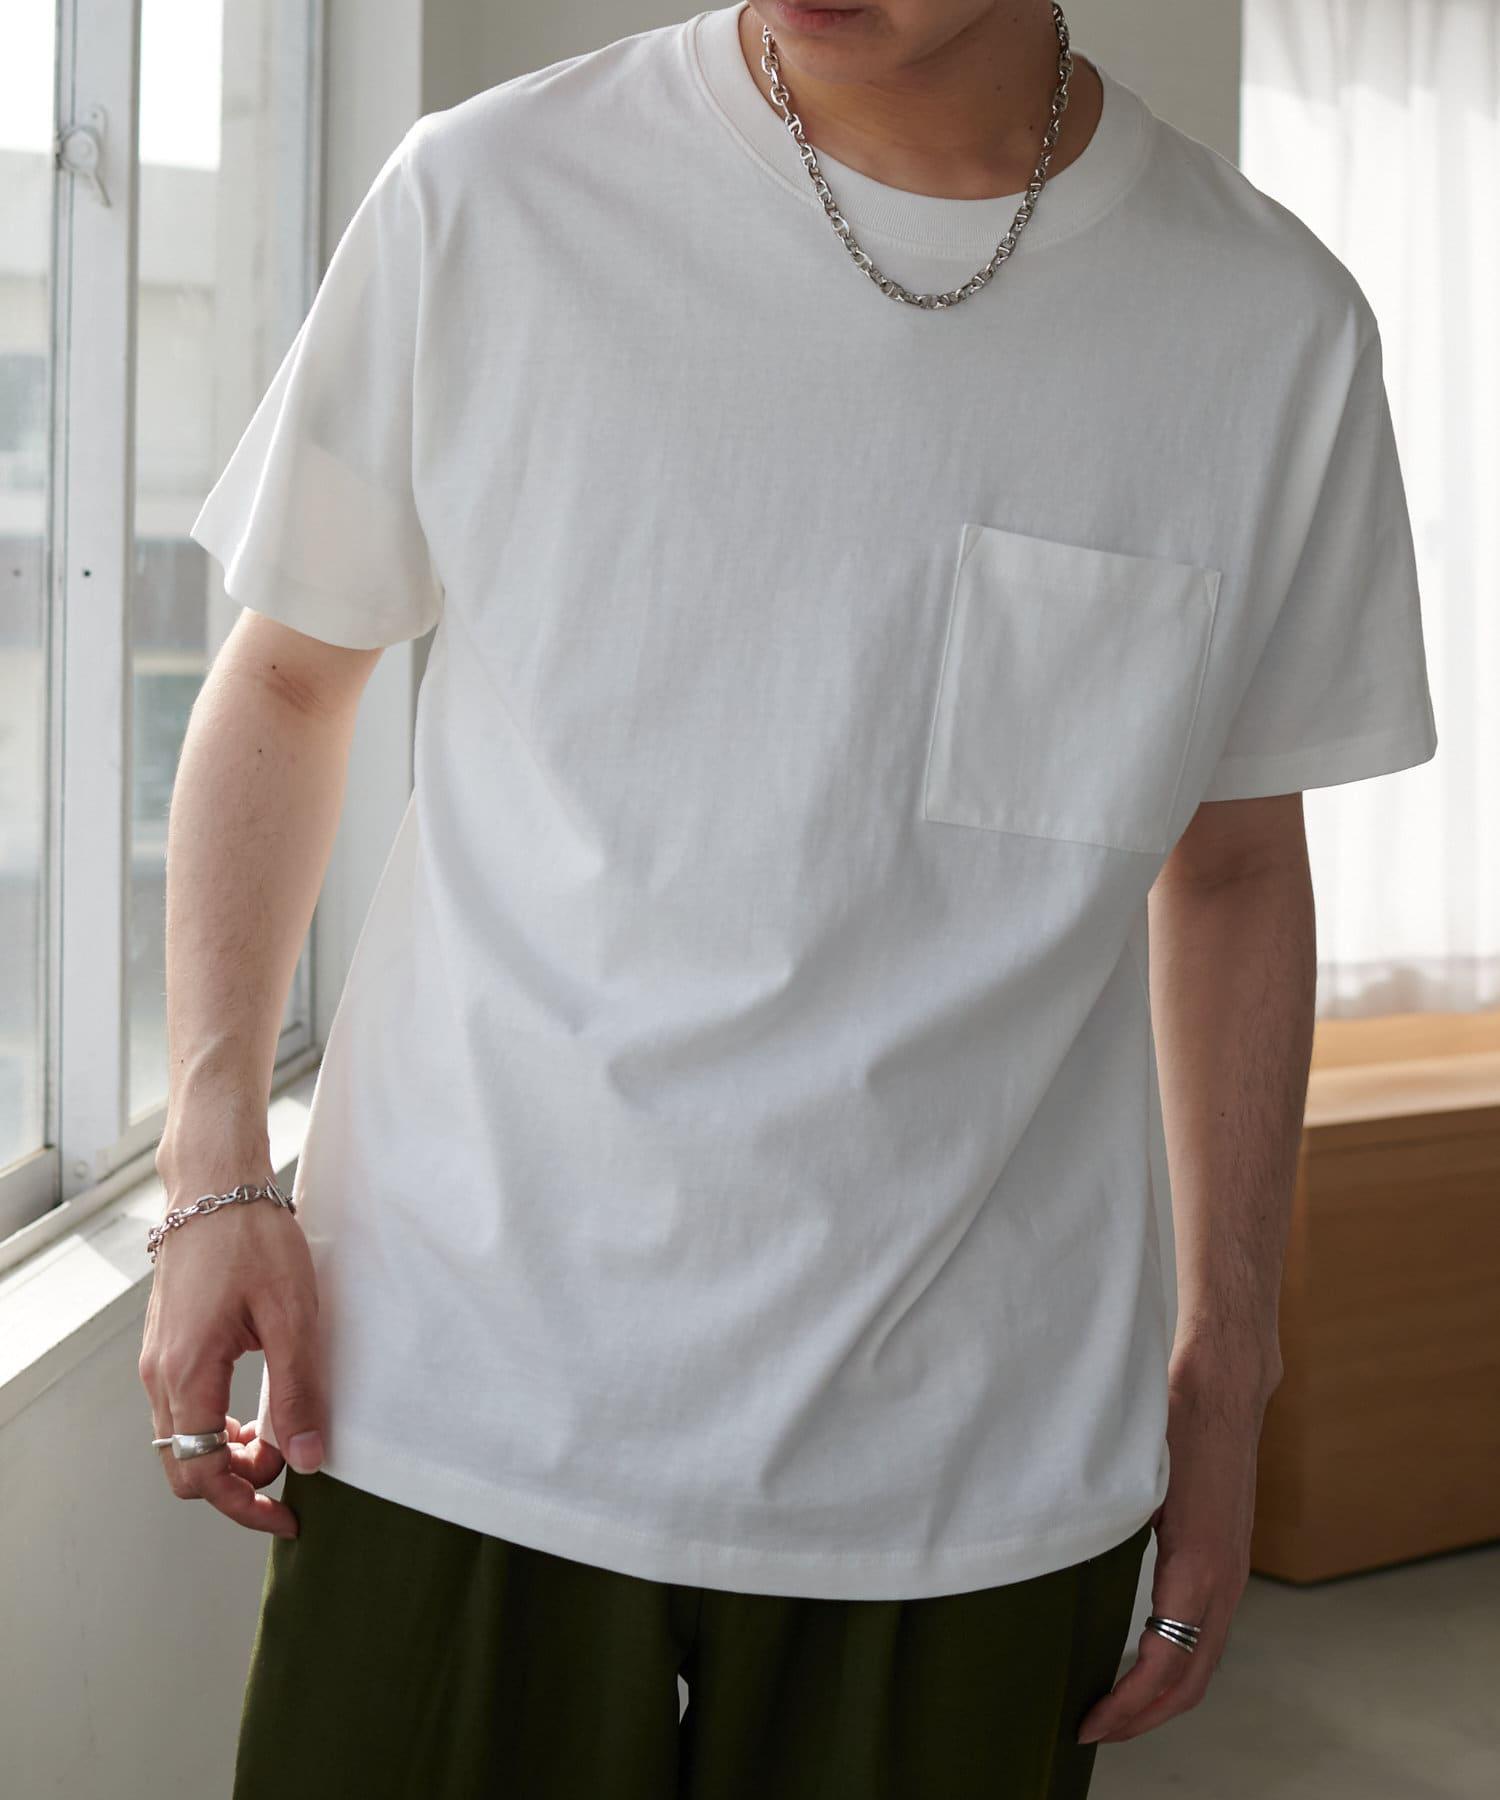 Discoat(ディスコート) メンズ USコットン胸ポケTシャツ オフホワイト